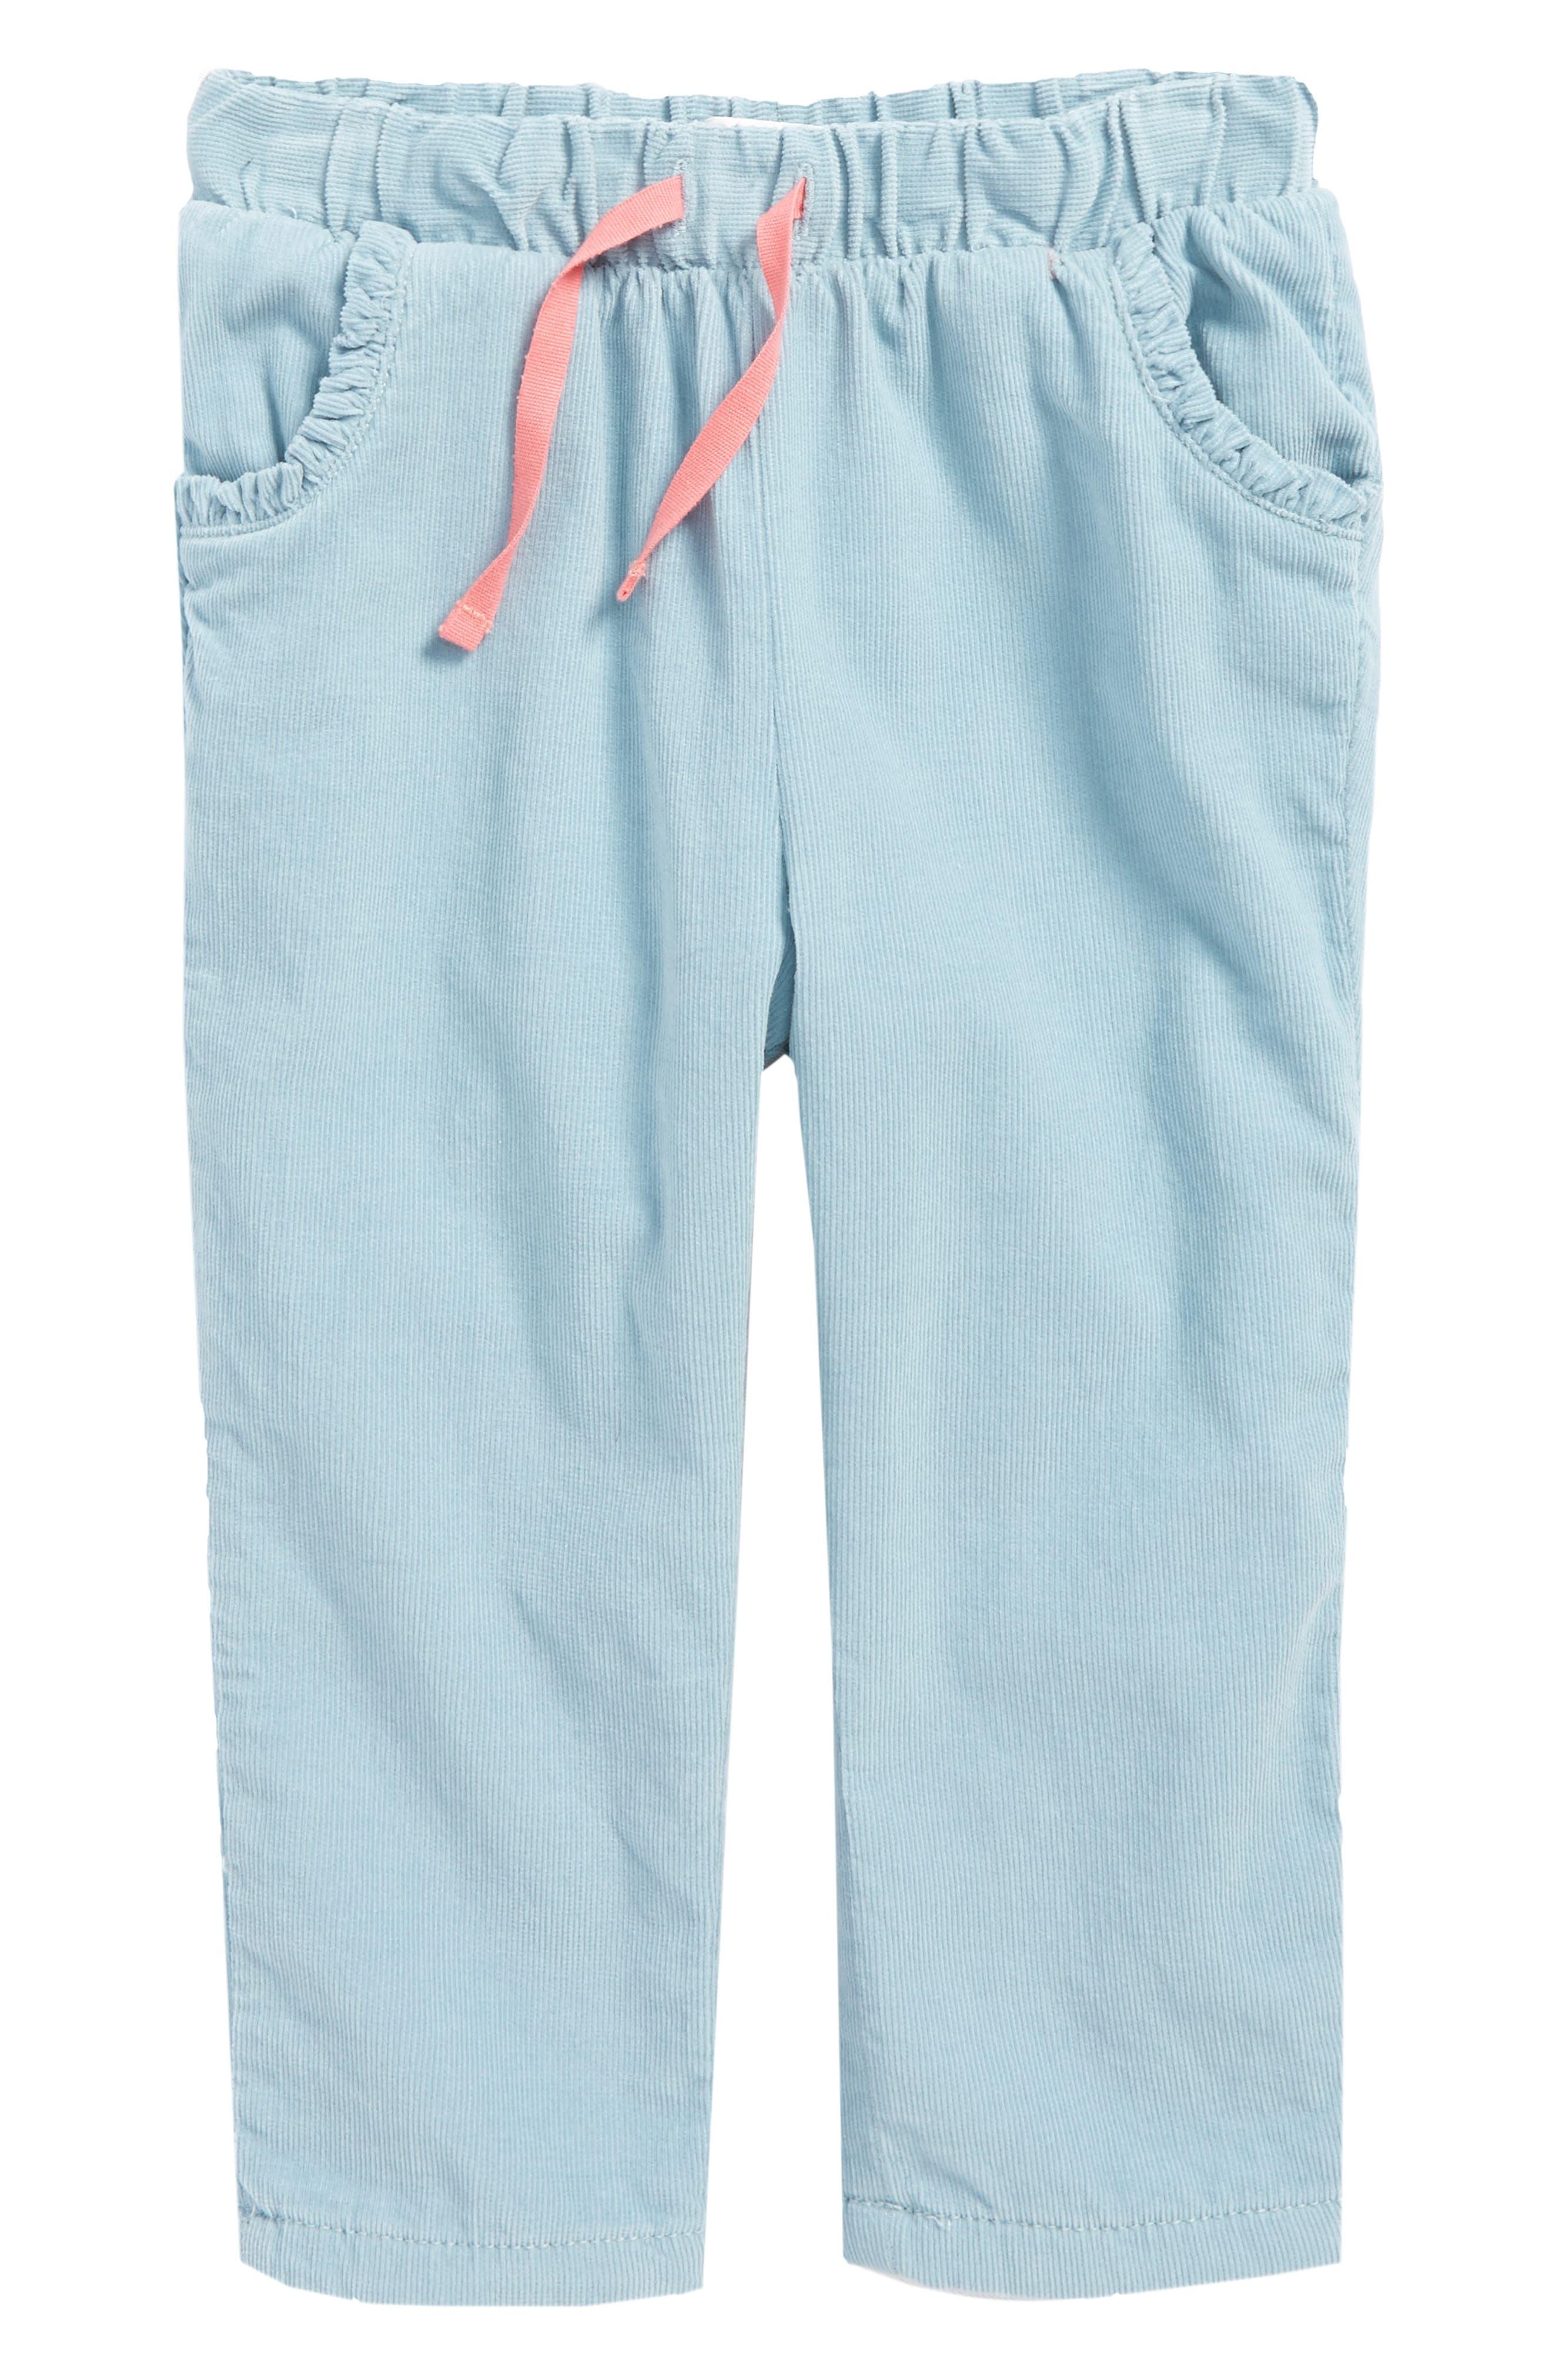 Heart Pocket Corduroy Pants,                             Main thumbnail 1, color,                             424